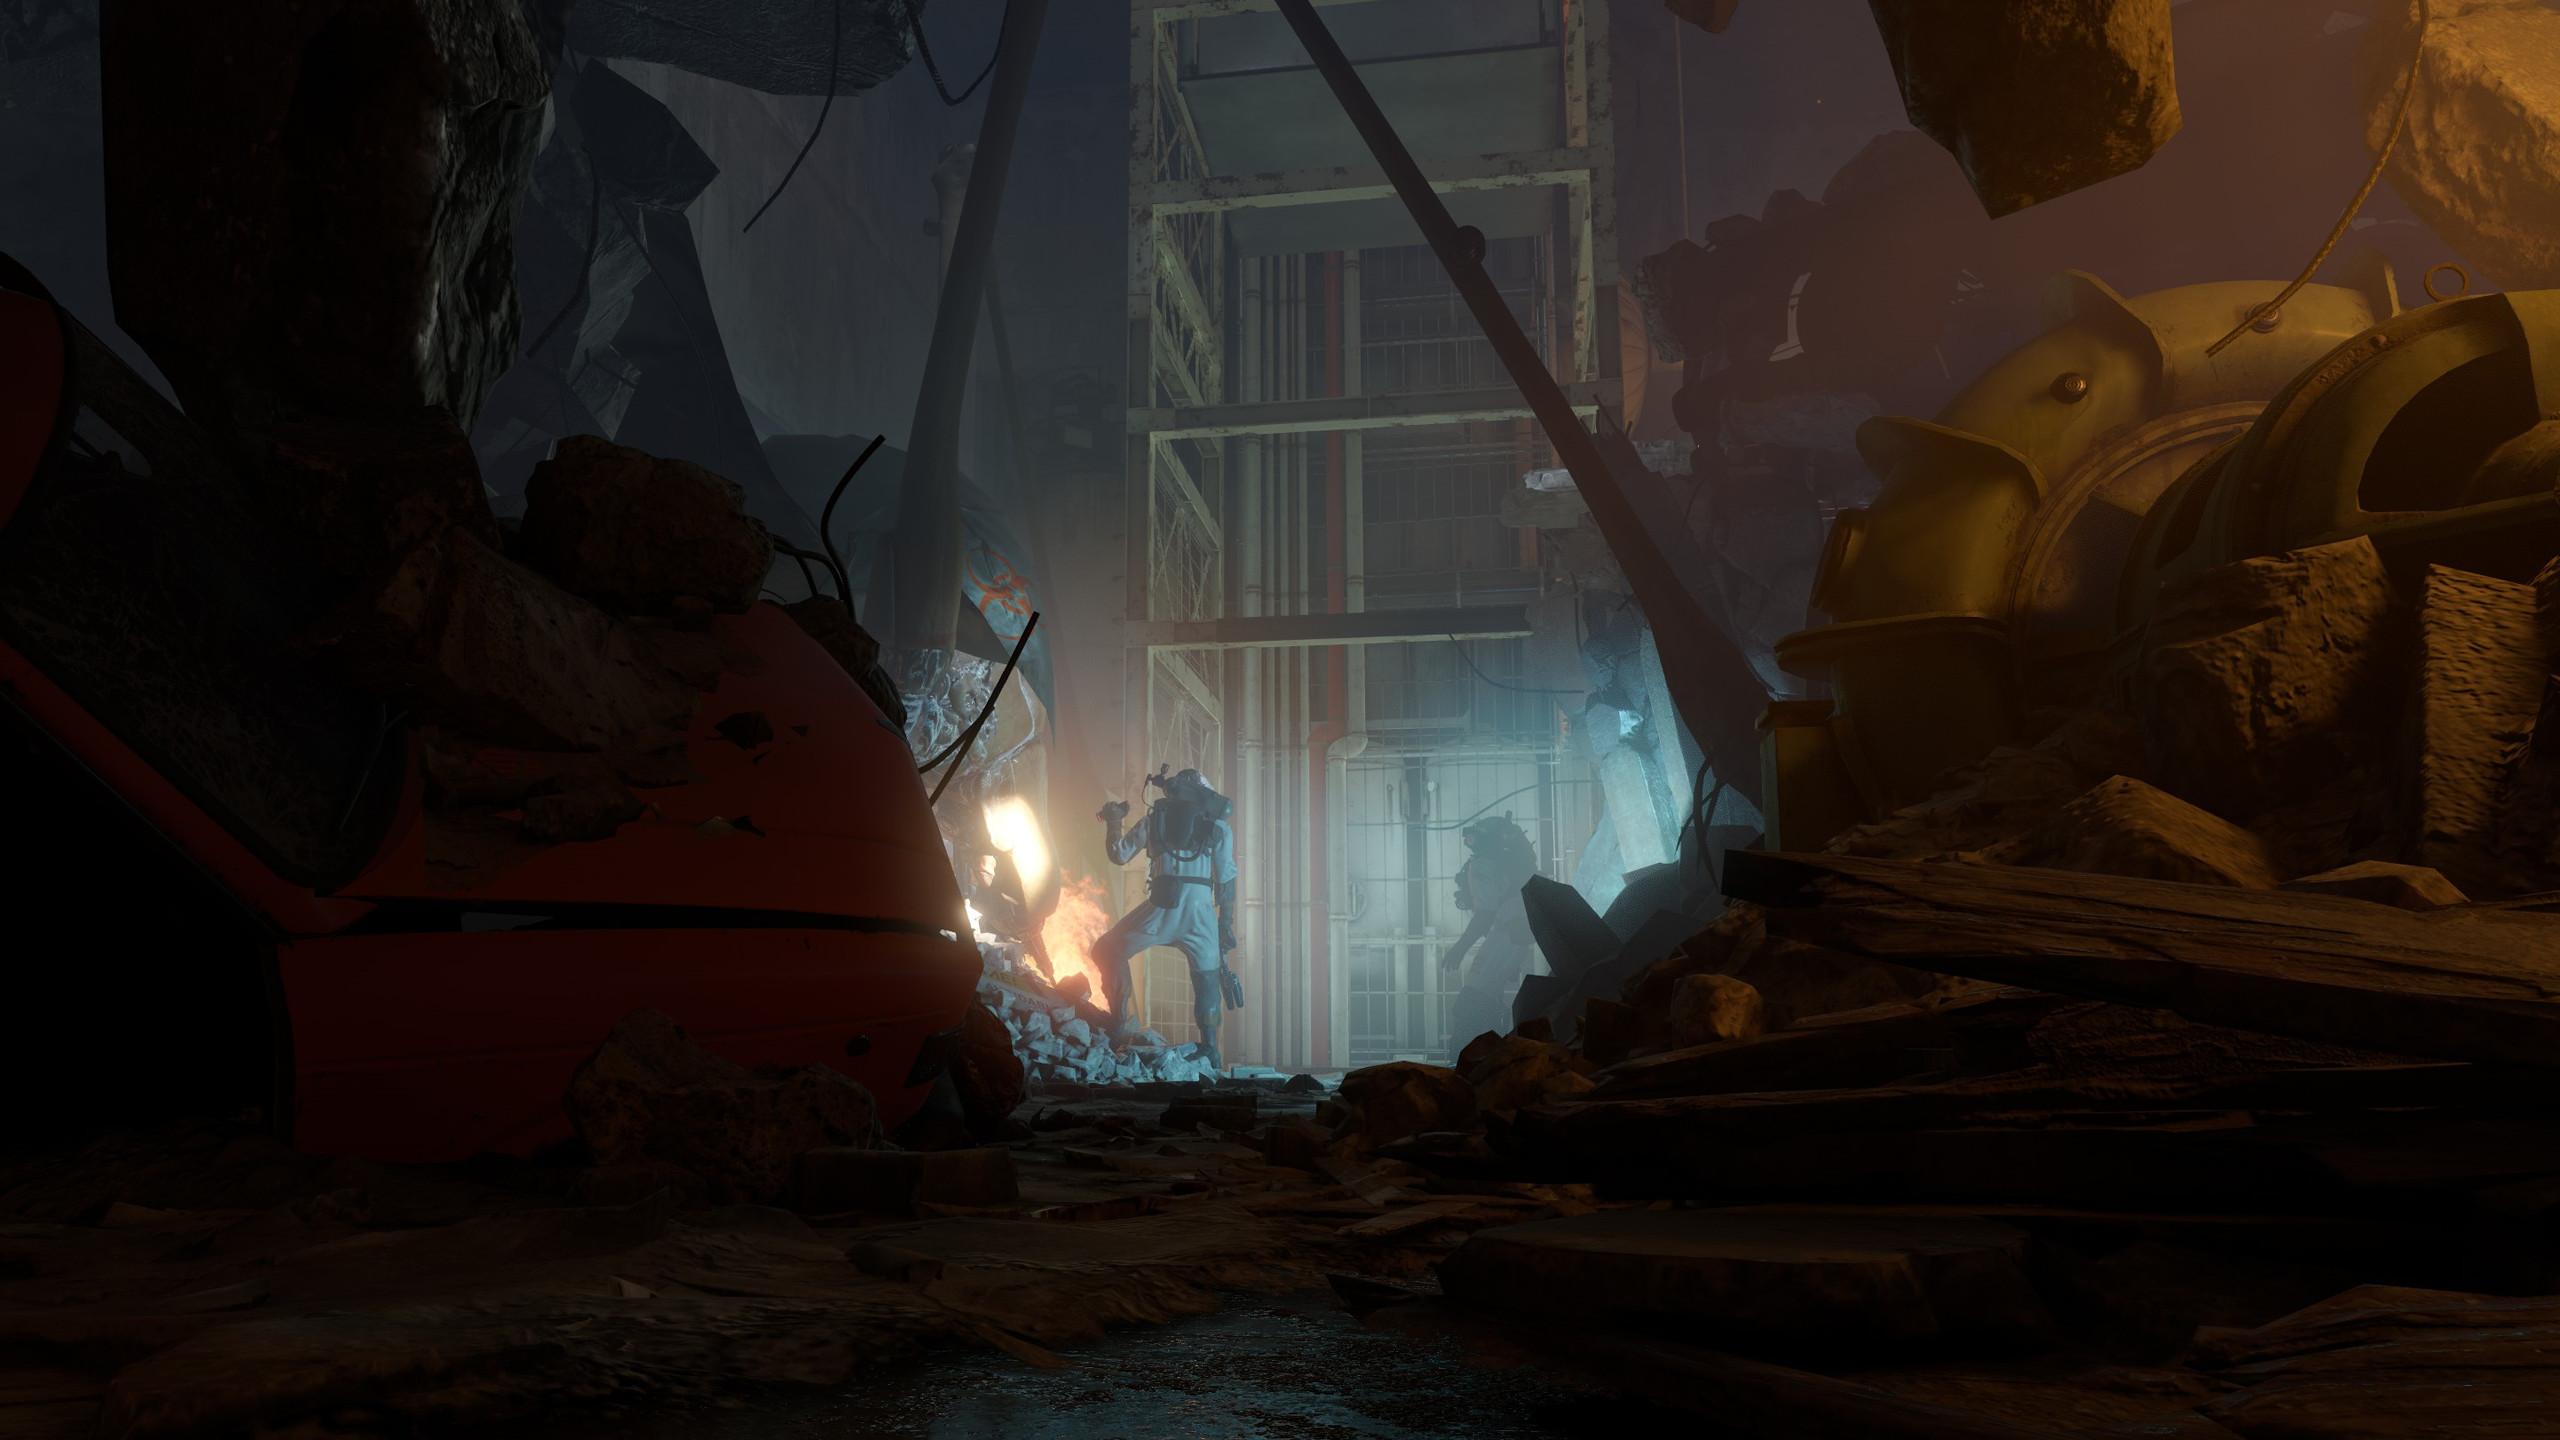 Первый тизер Half-Life: Alyx —VR-приквела Half-Life 2 7